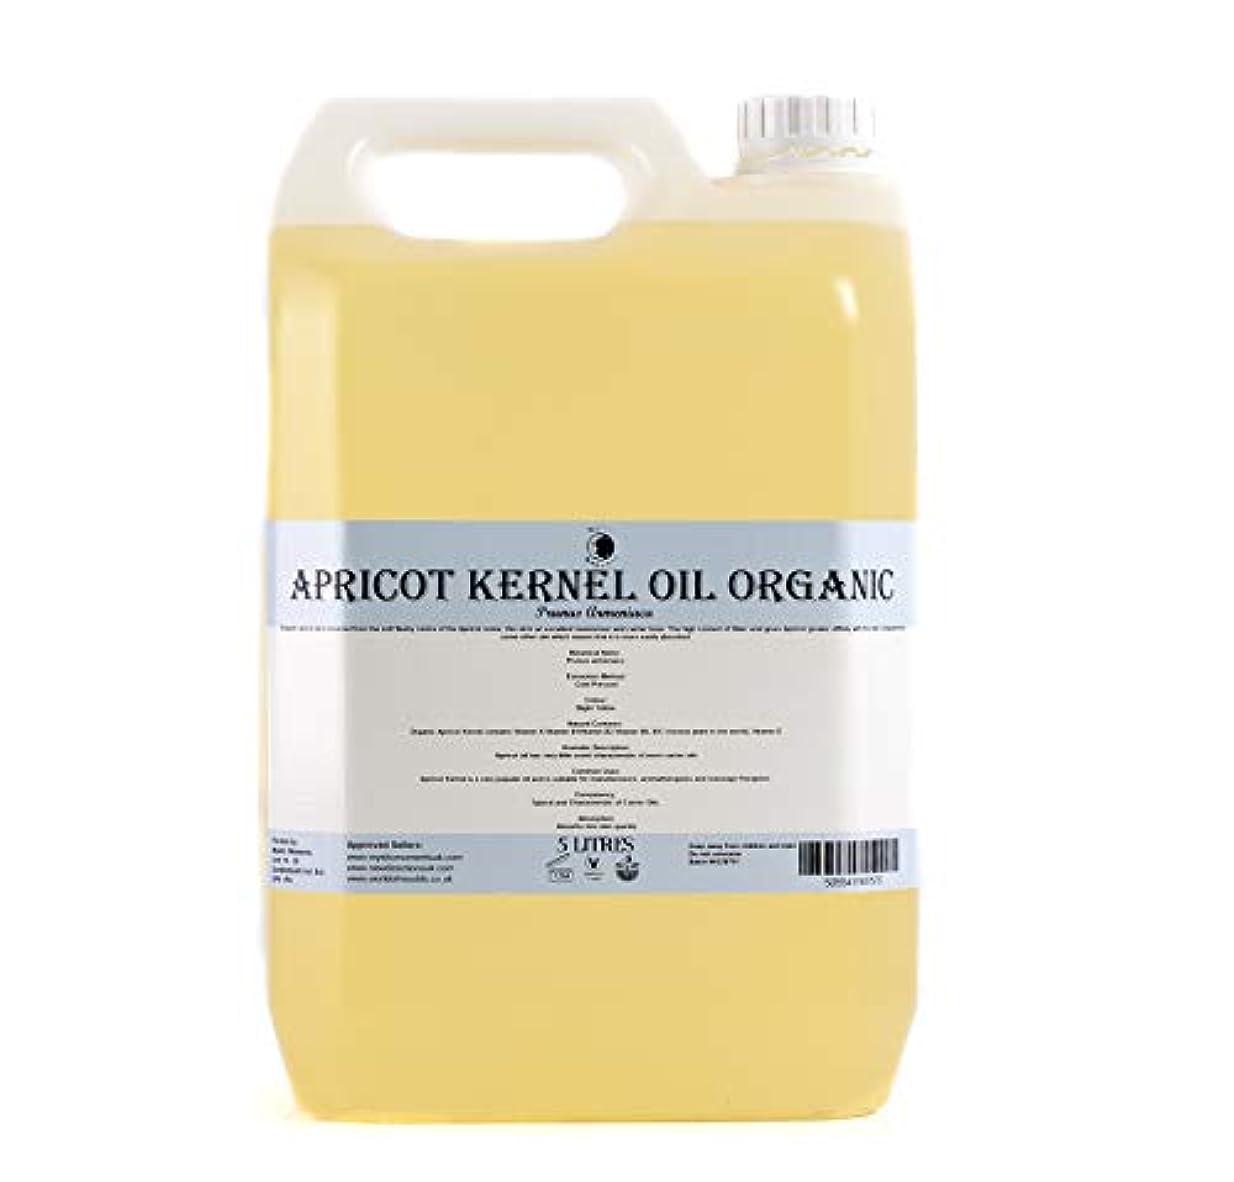 シーケンス戦争作成者Mystic Moments | Apricot Kernel Organic Carrier Oil - 5 Litres - 100% Pure